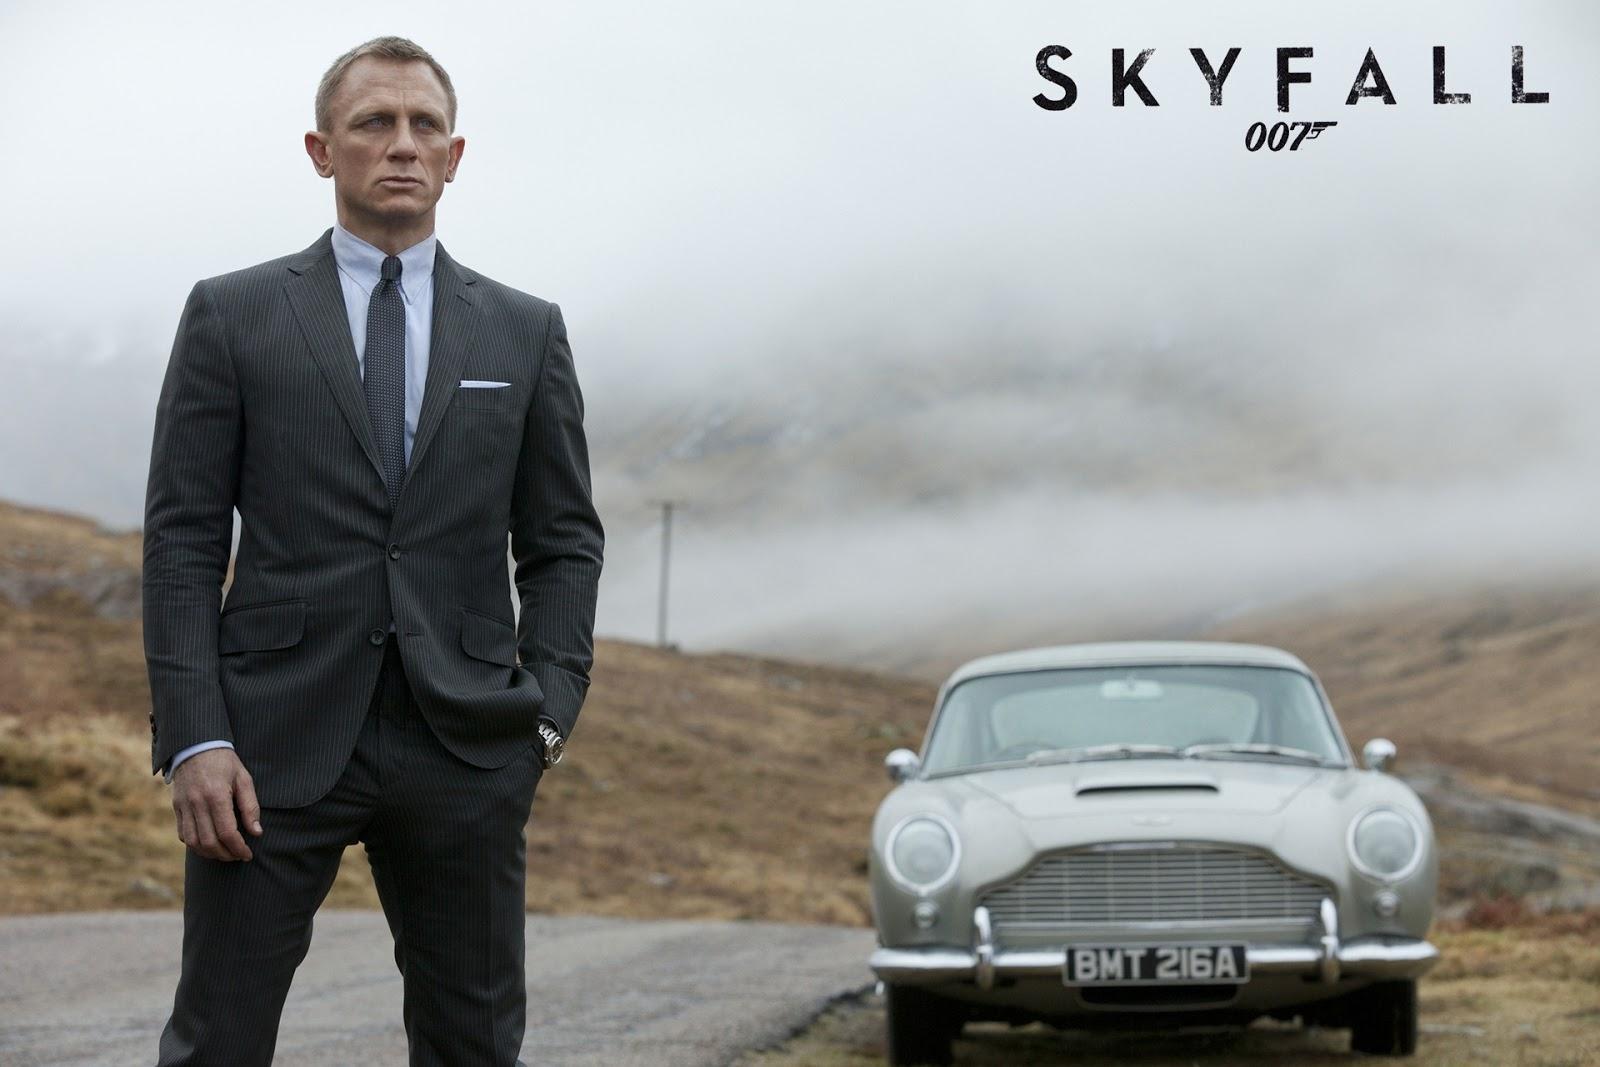 http://1.bp.blogspot.com/-CgeICylyzHQ/UKYeTEJW0uI/AAAAAAAAAzU/knNprgRgZ10/s1600/James-Bond-007-Skyfall-Wallpaper15.jpg